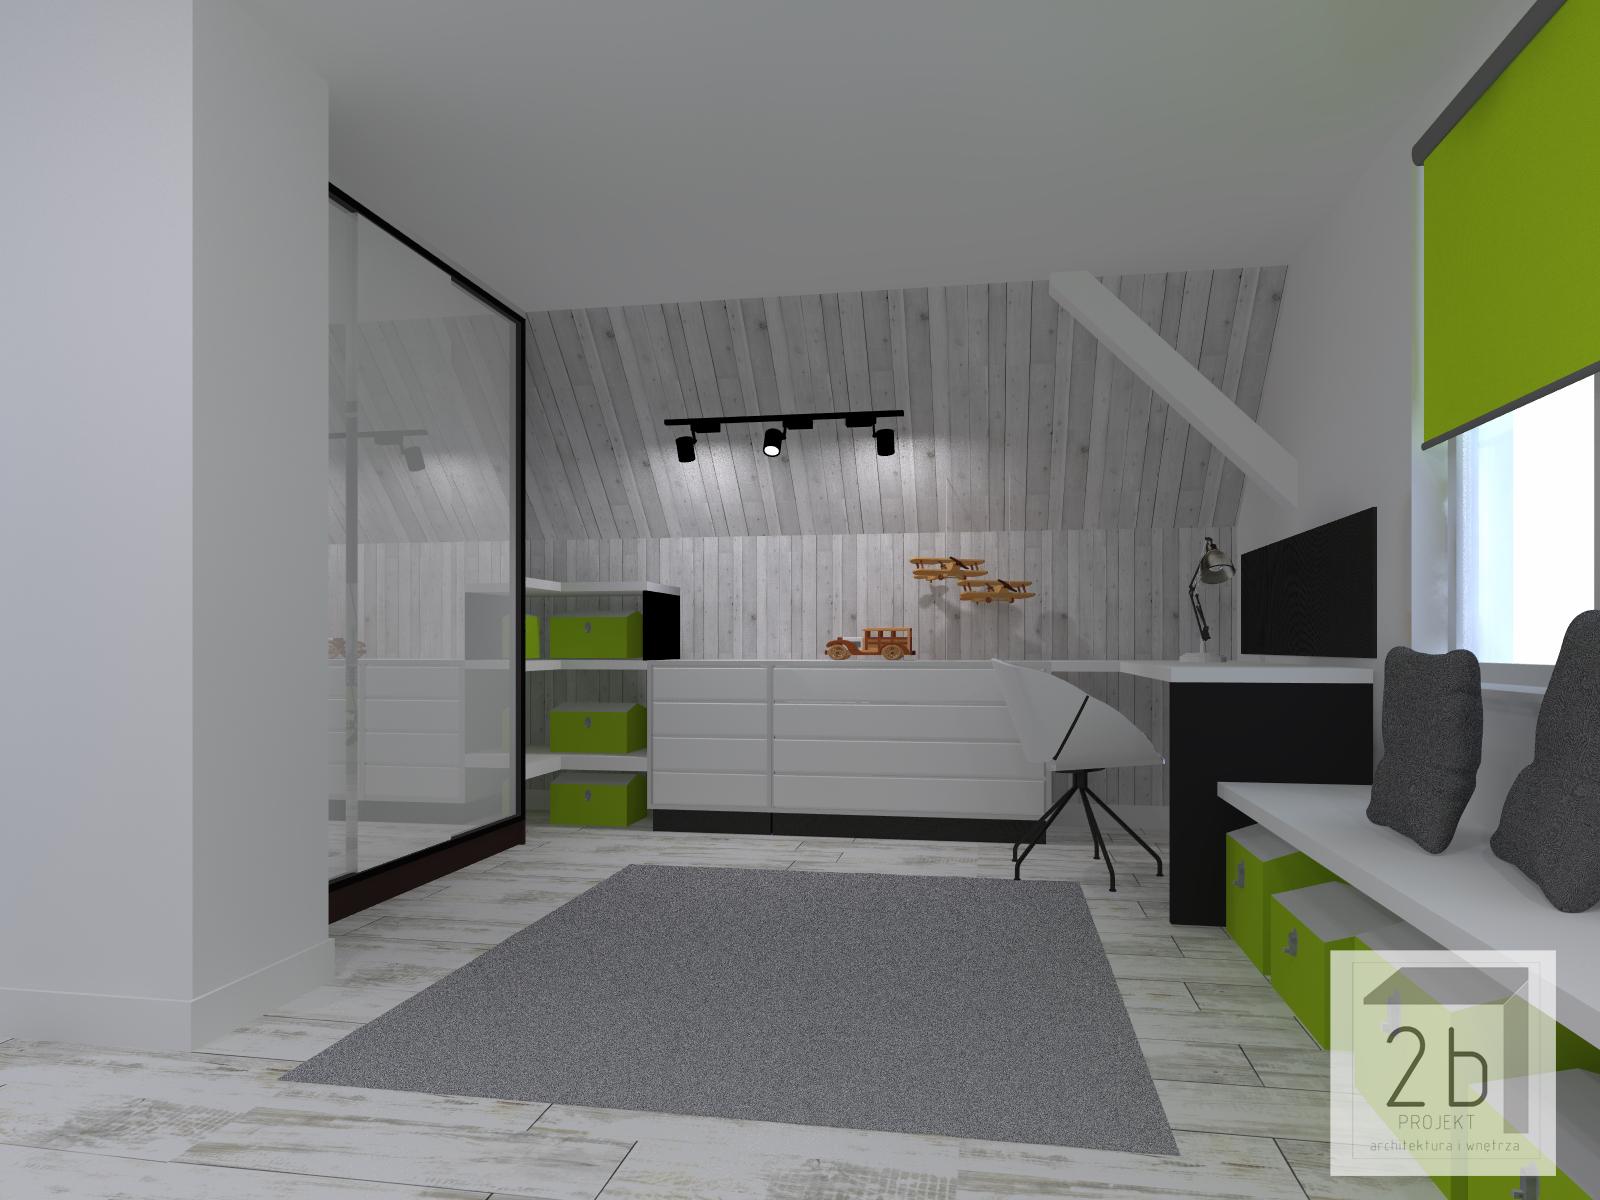 Biuro projektowe   Aranżacje wnętrz   Wizualizacje   Kierownik budowy   Kępno, Wrocław, Opole, Syców, Ostrzeszów